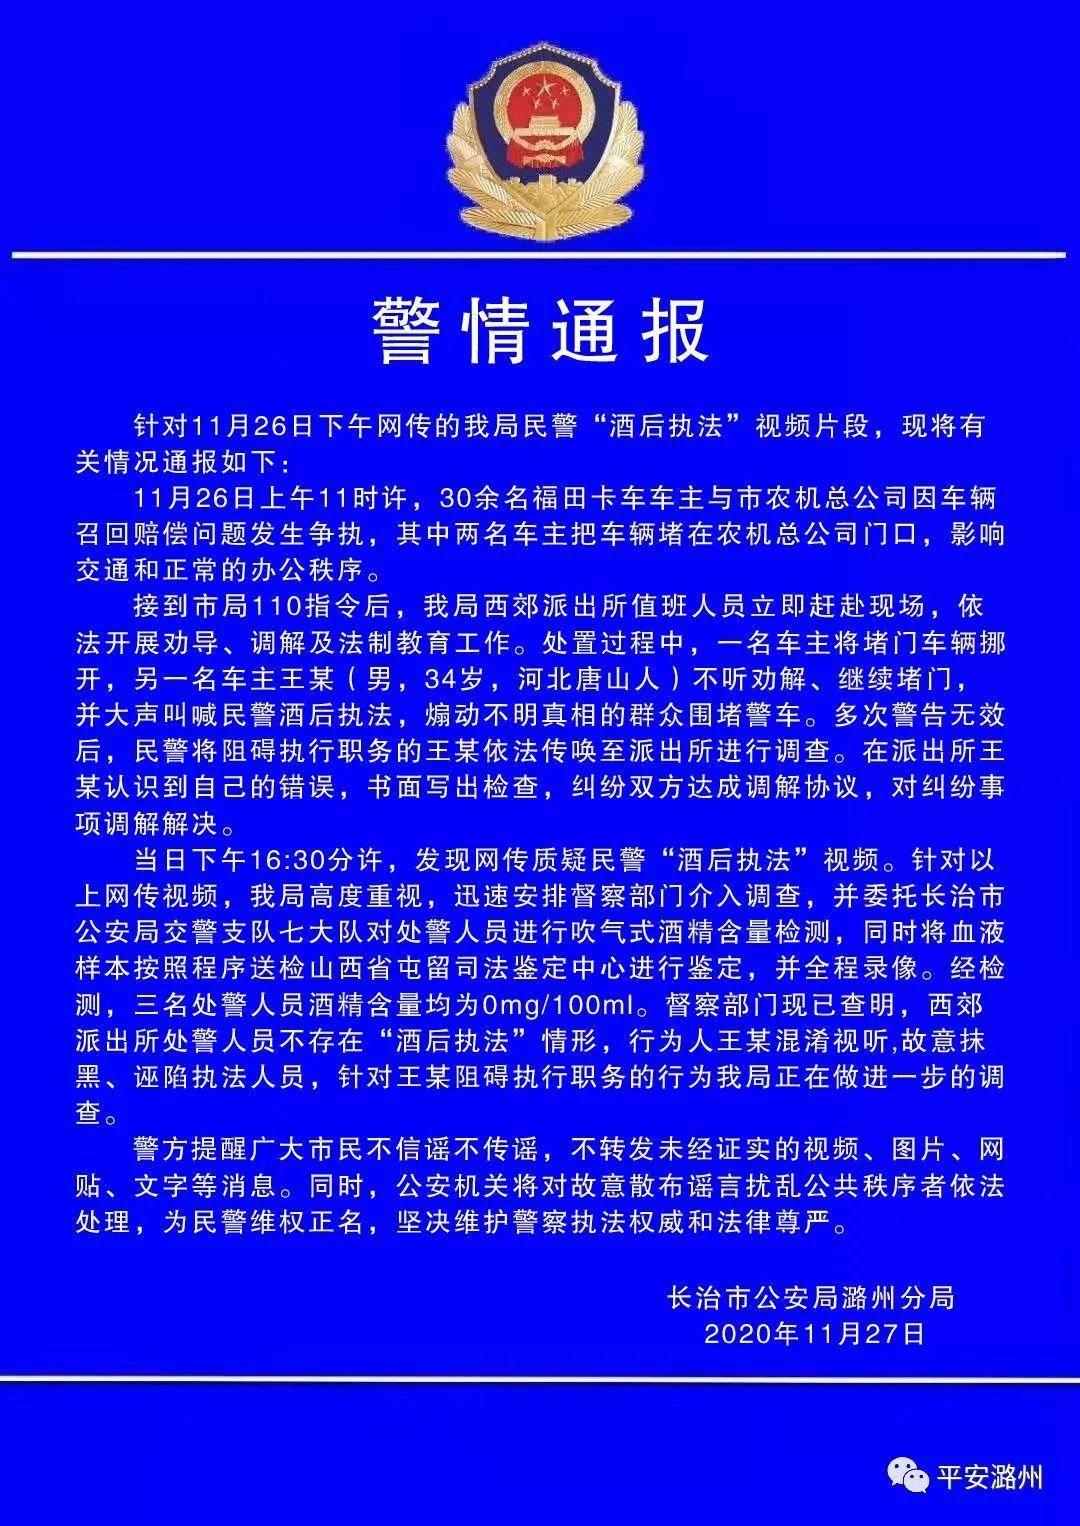 """长治警方:""""民警酒后执法""""系诬陷,将调查阻碍公务行为"""